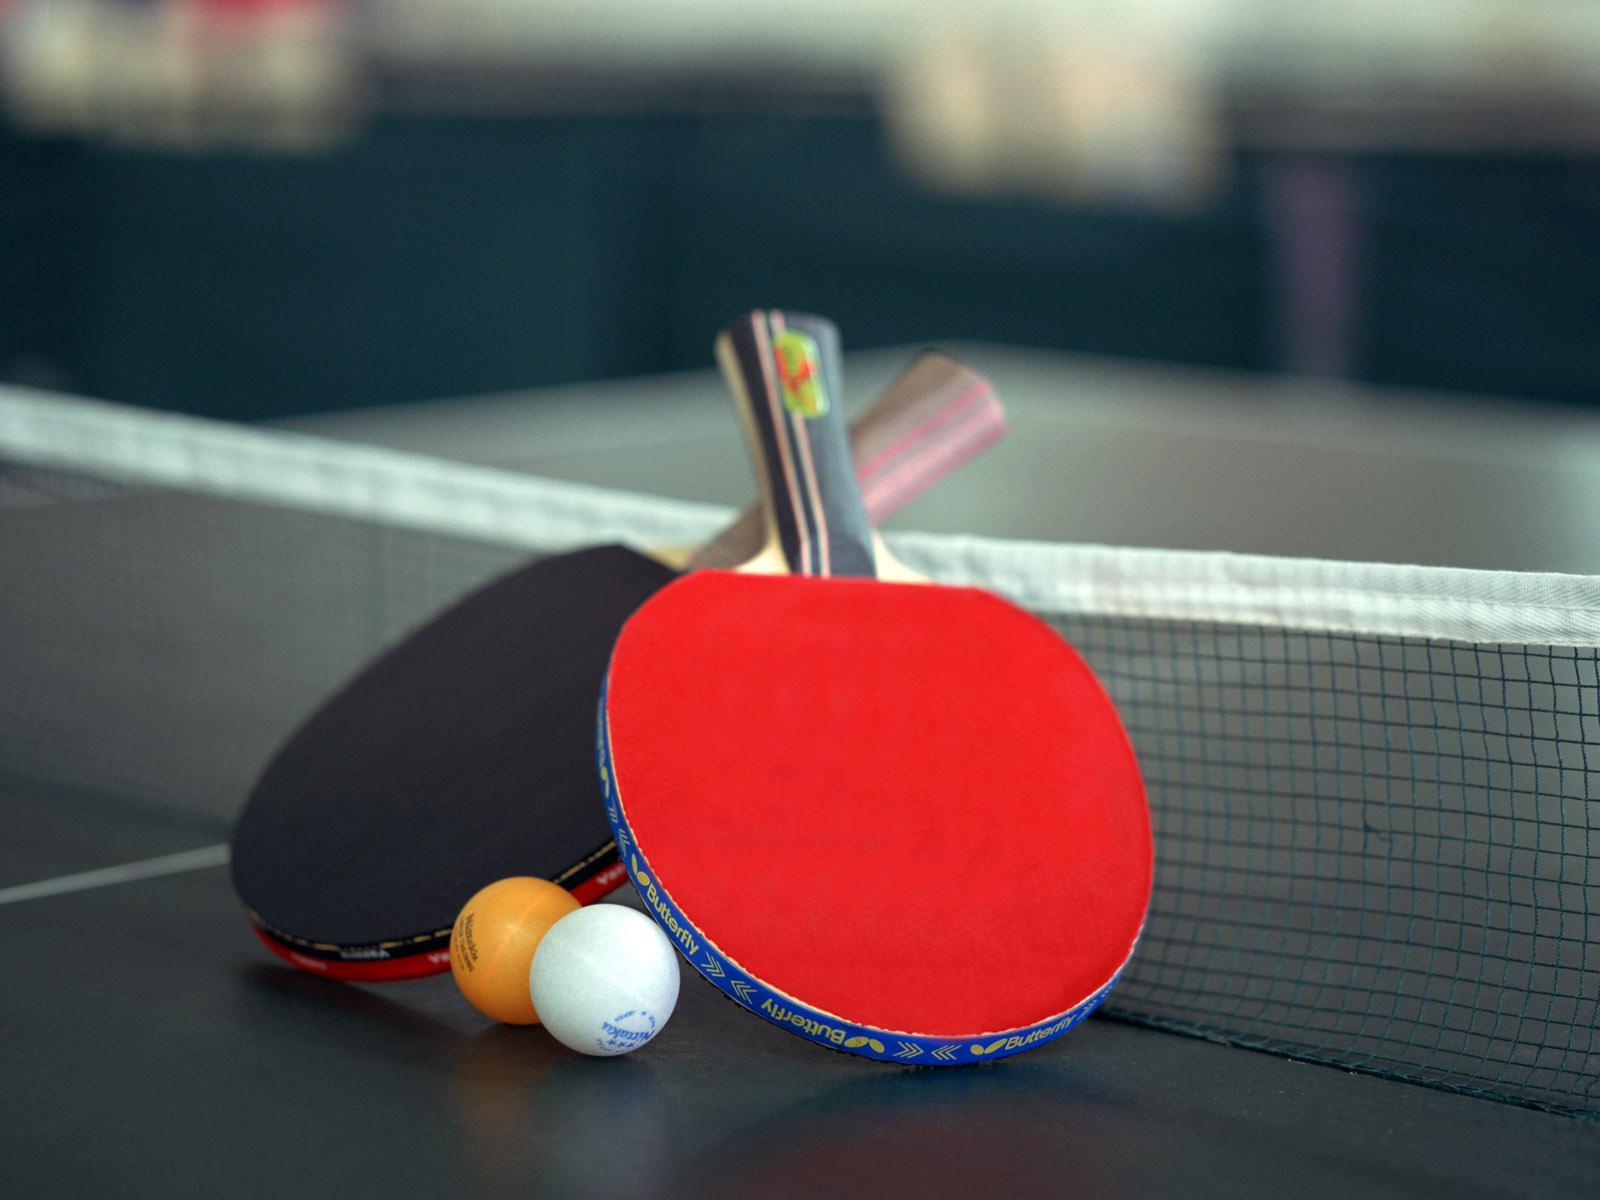 آکادمی تنیس روی میز ، میزبان نیرو های مسلح